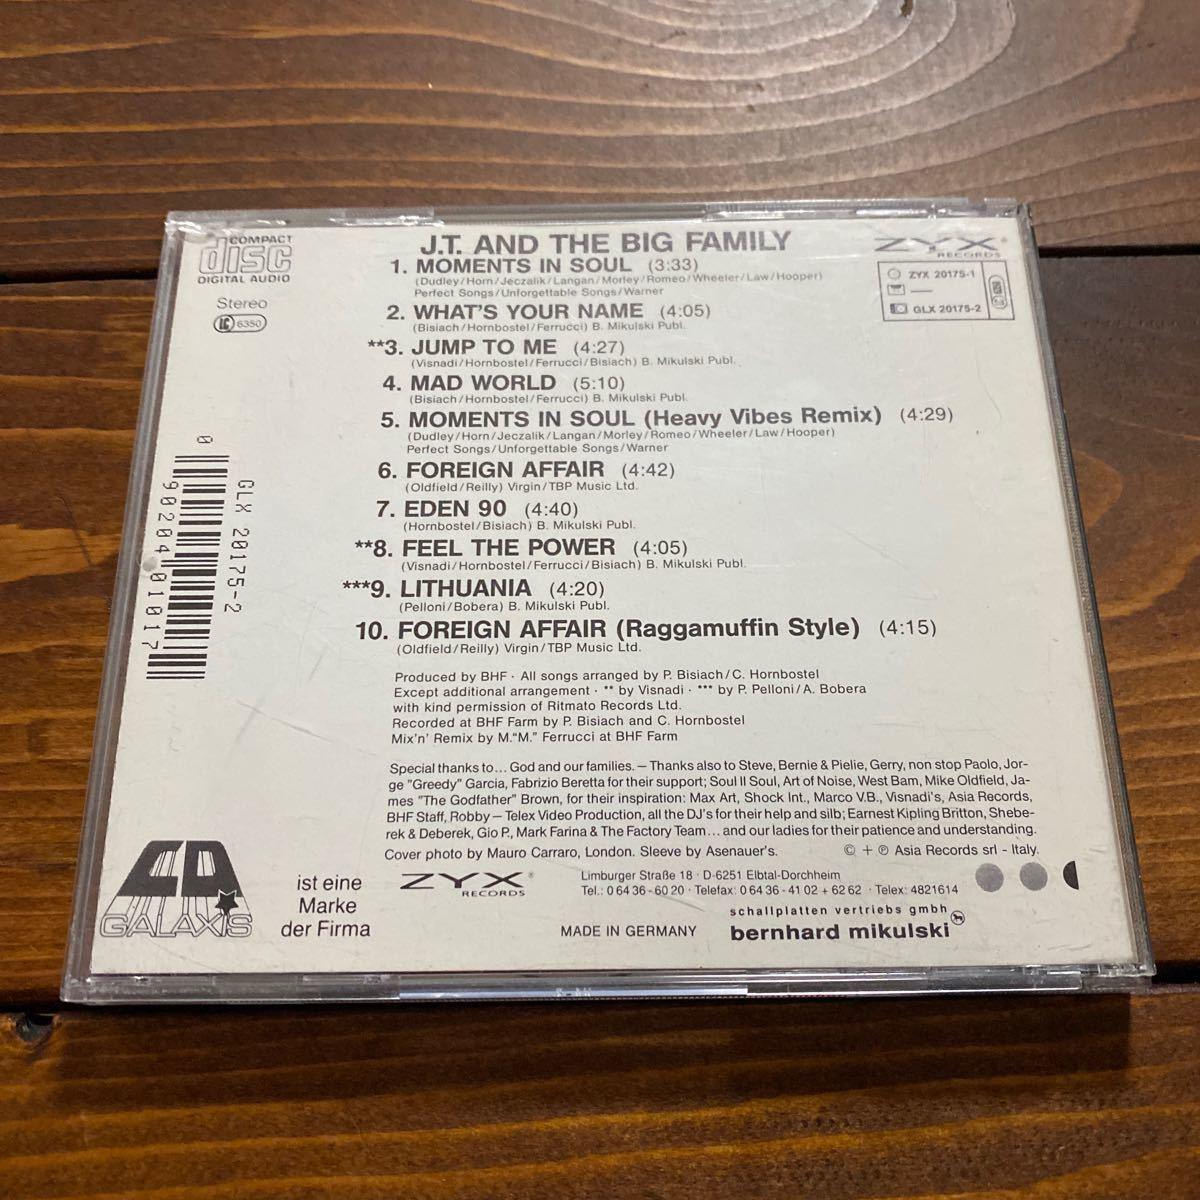 激レア! J.T. & The Big Family / 唯一のALBUM / Groundbeat / Moments In Soul収録_画像2